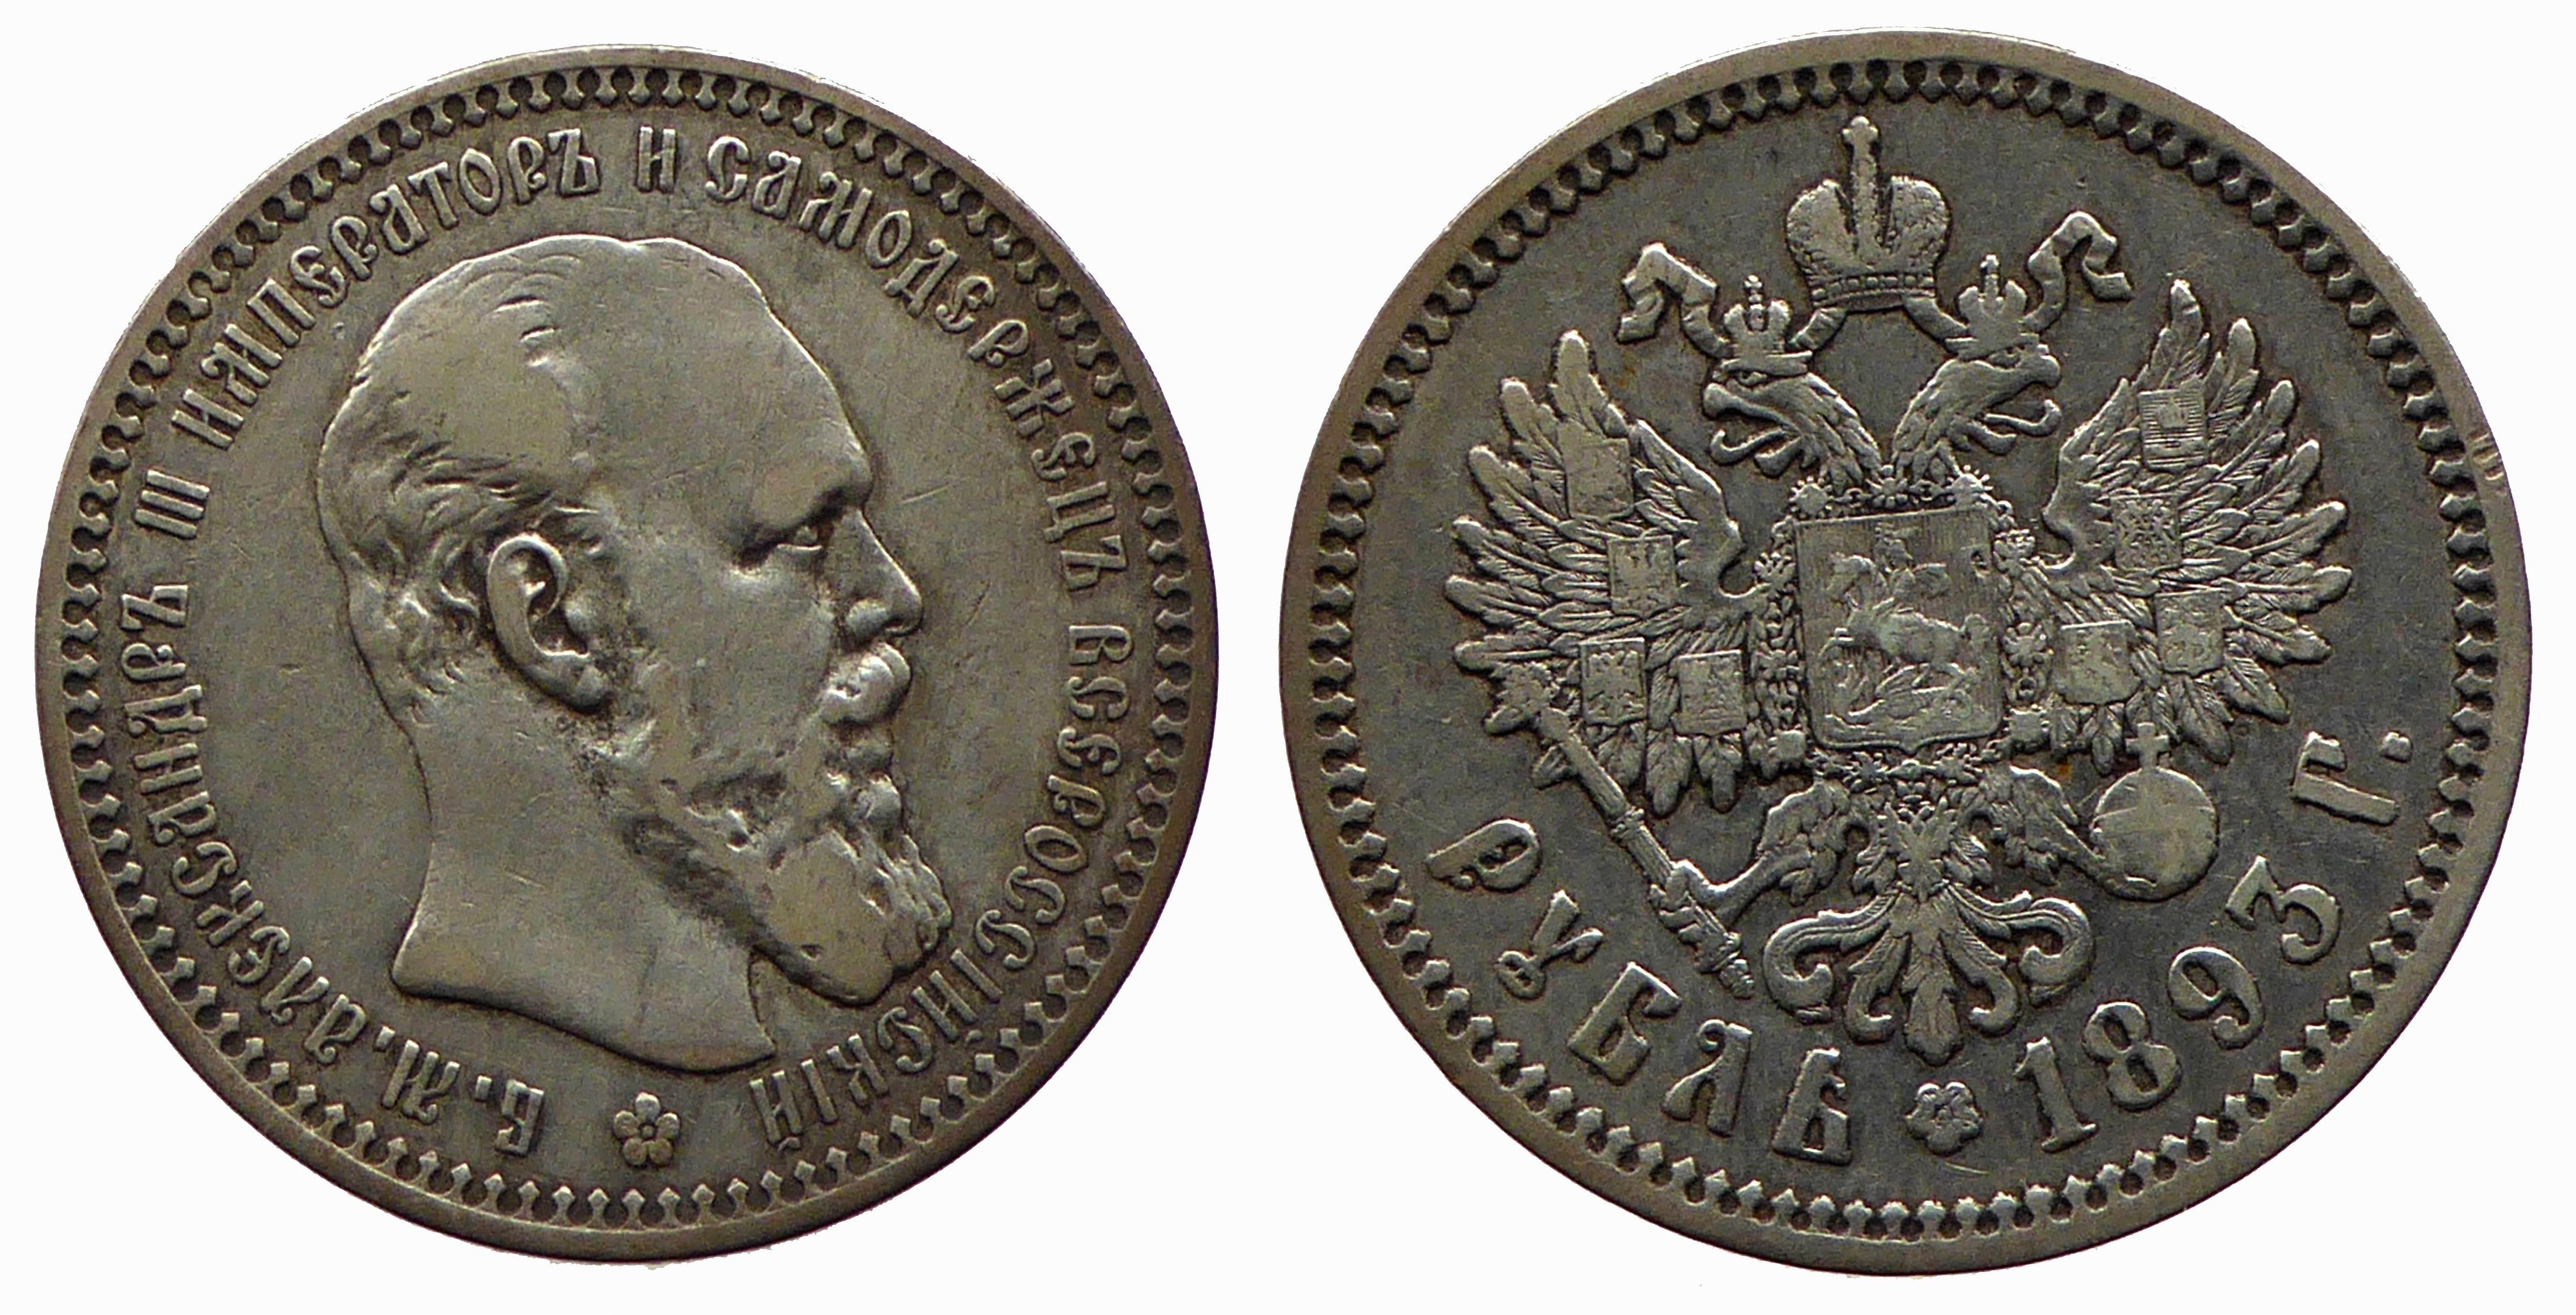 Рубль 1893 года цена скупка в монино